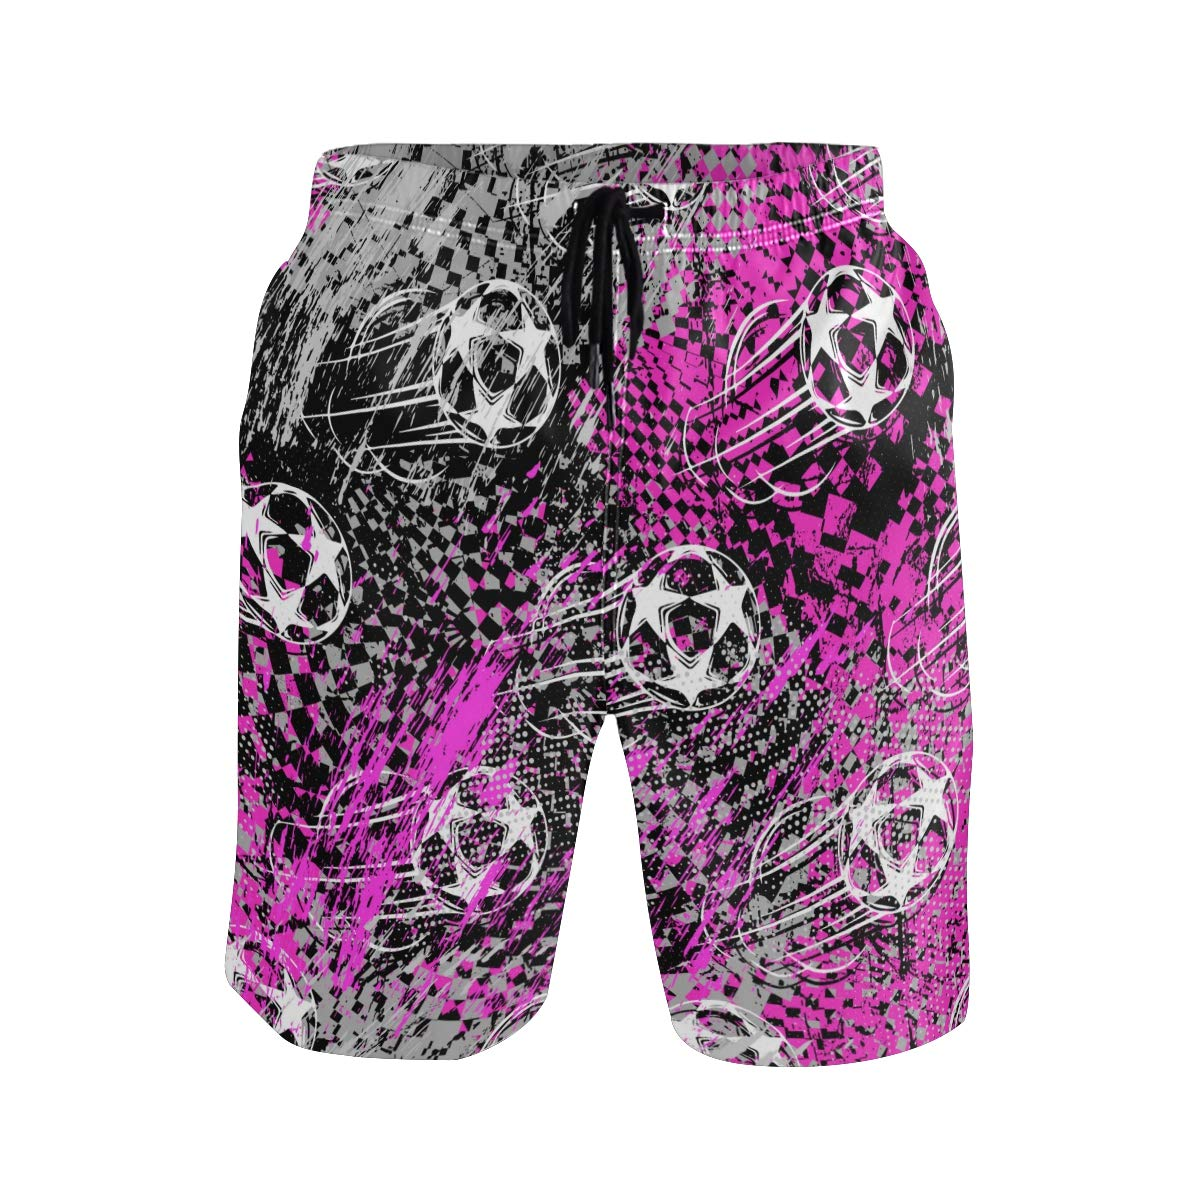 COVASA Mens Summer ShortsAbstract Pattern from Hearts and Circles